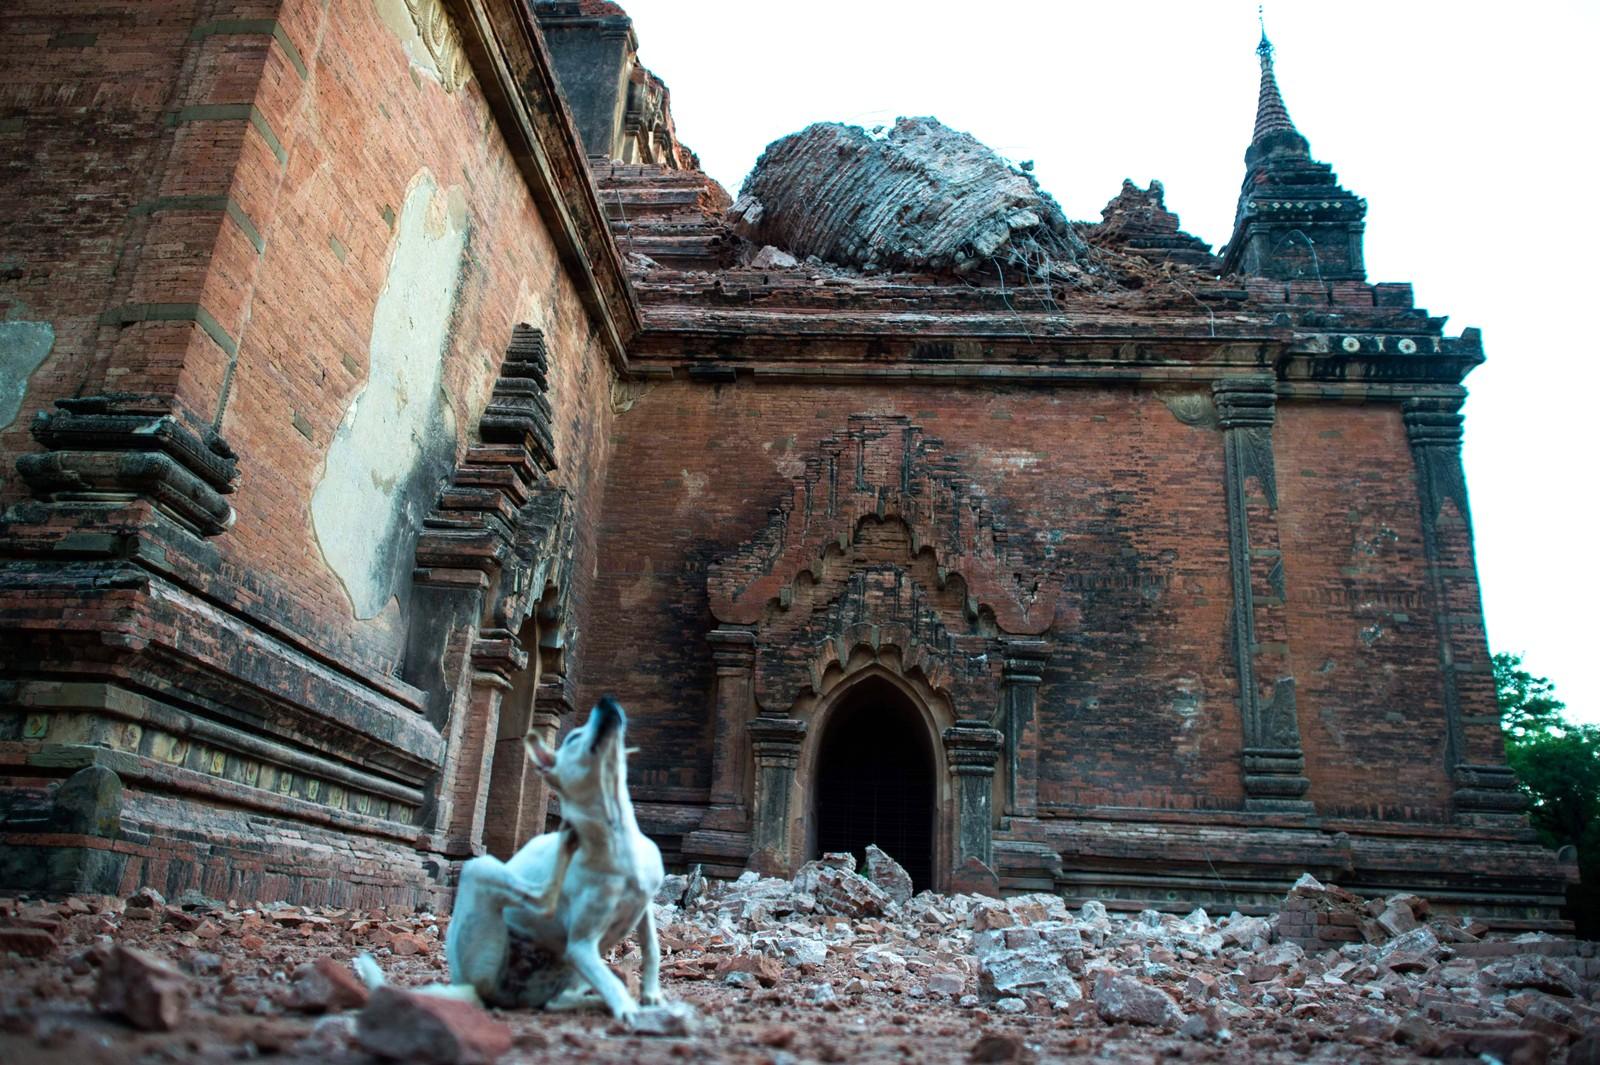 Her ser vi ødeleggelser på pagoden Sulamani i Myanmar den 25. august. Landet ble rammet av et jordskjelv med styrke 6,8 den 24. august. Flere mennesker ble drept og nesten 200 pagoder fikk skader i den berømte oldtidsbyen Bagan, kjent for sine over 2000 templer og pagoder. Sulamani er et buddhistisk tempel fra 1183.